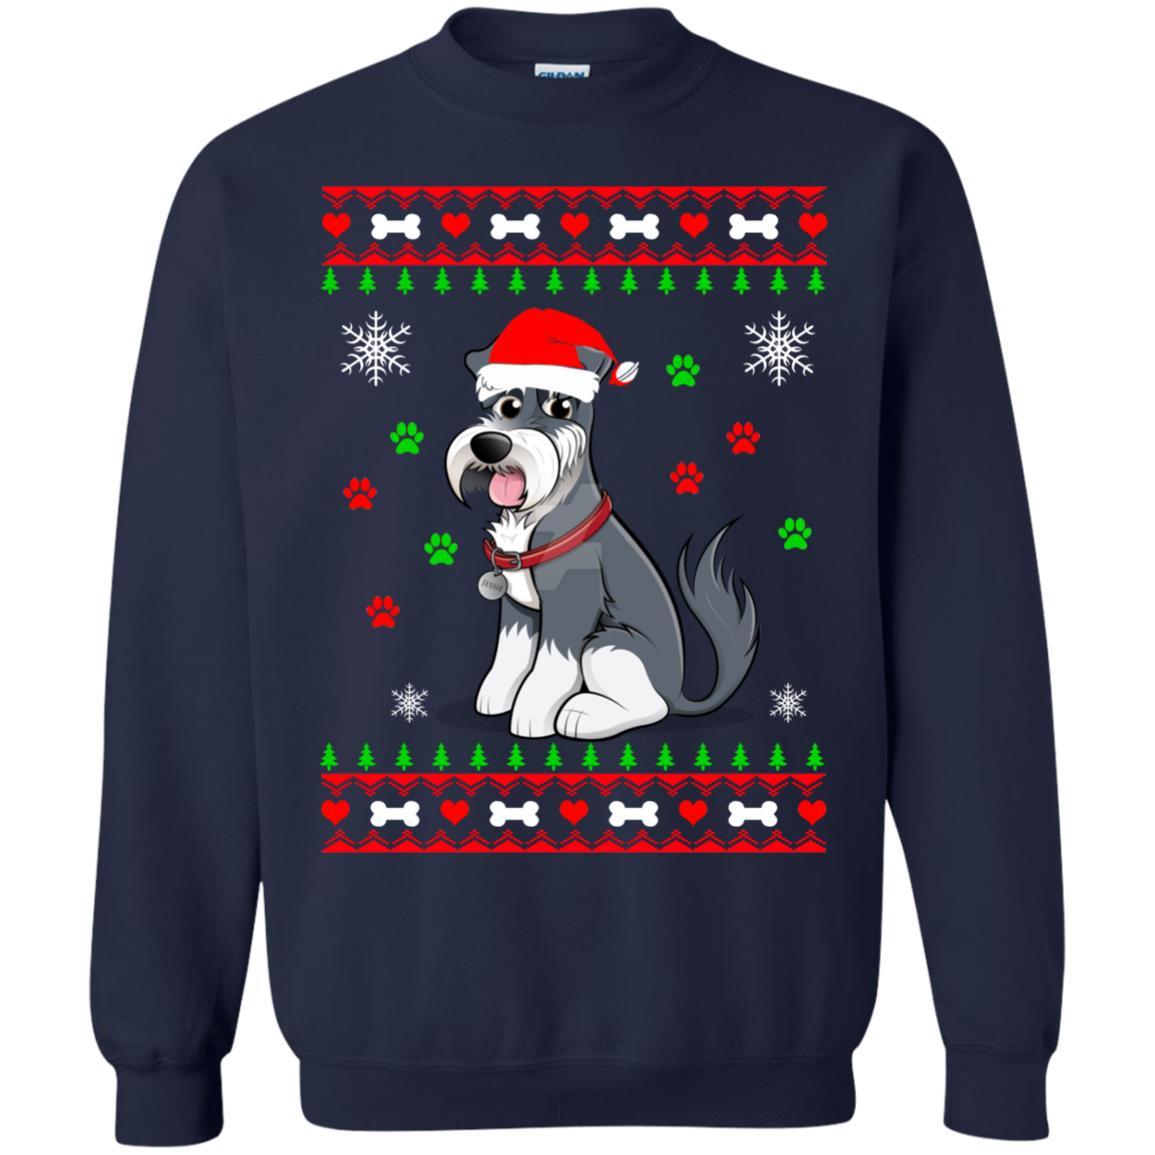 image 44 - Schnauzer Christmas Sweater, Ugly Sweatshirts